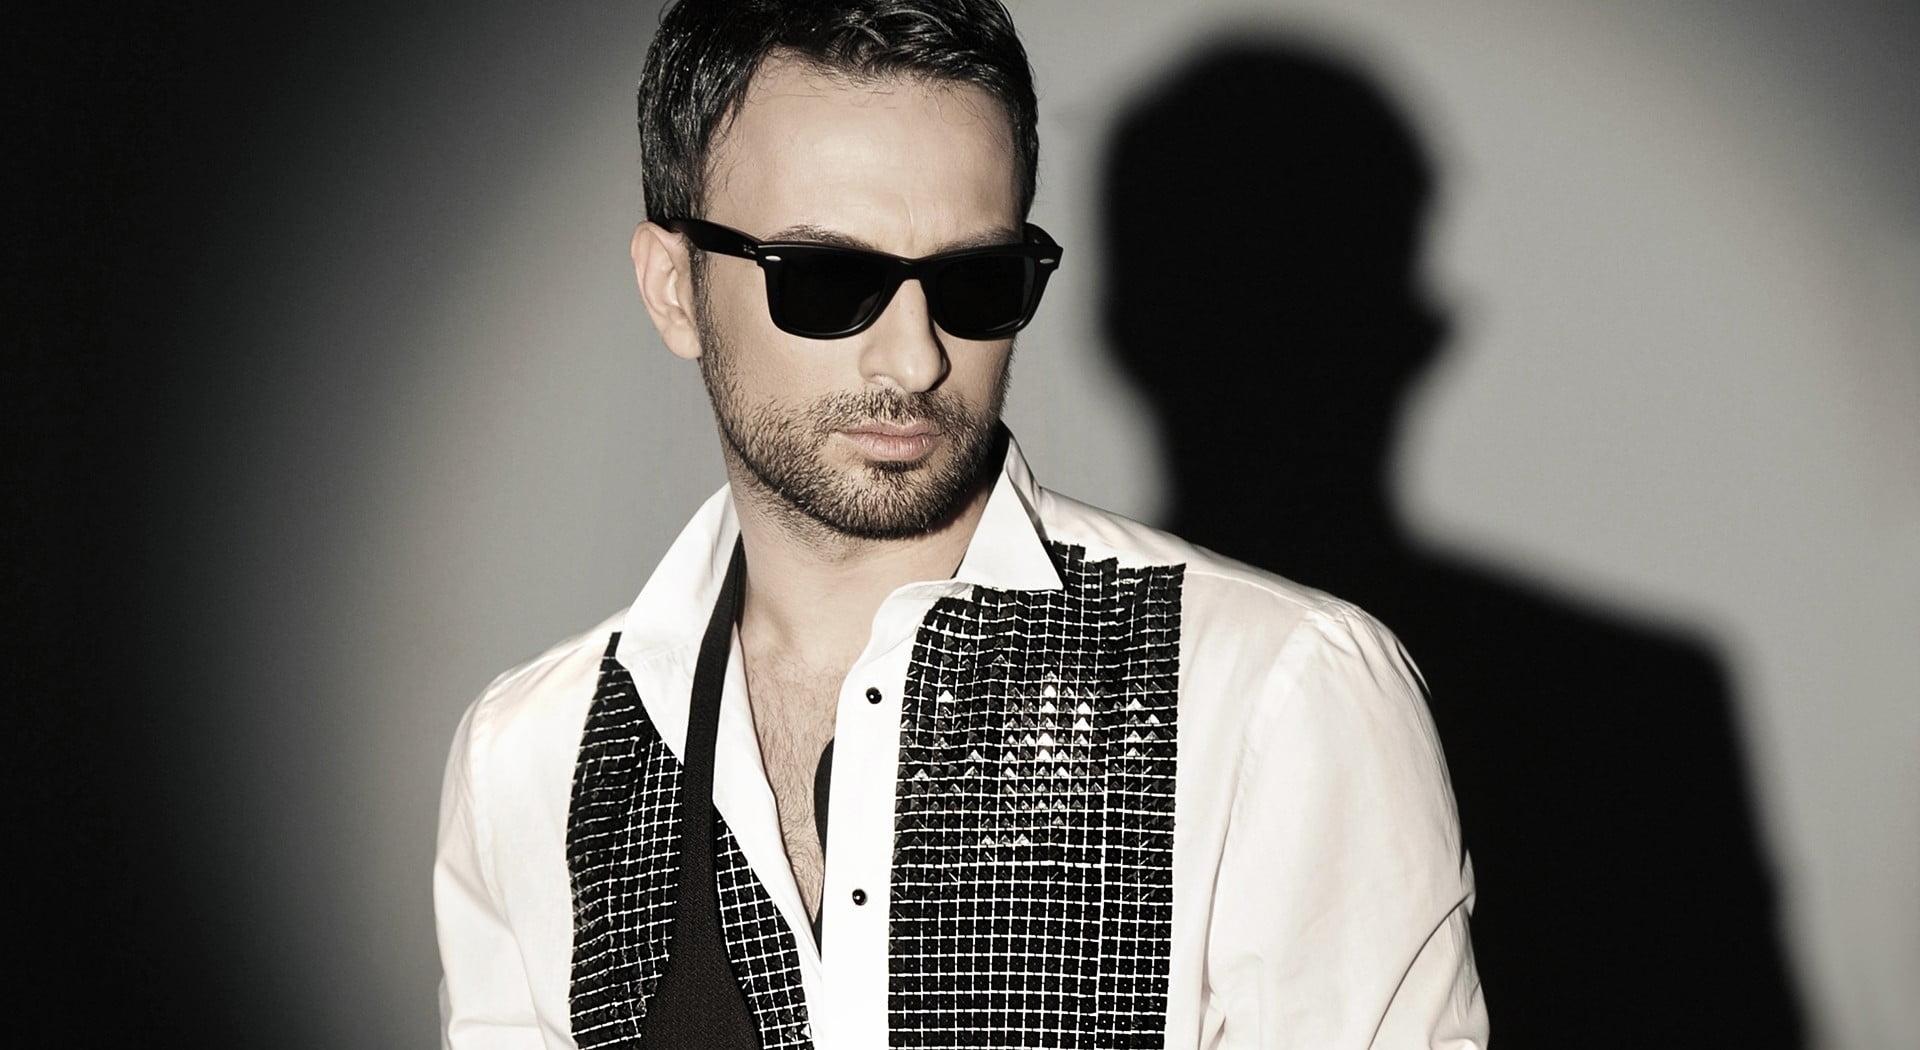 Mens white and black dress shirt Tarkan tevetolu singer actor 1920x1050